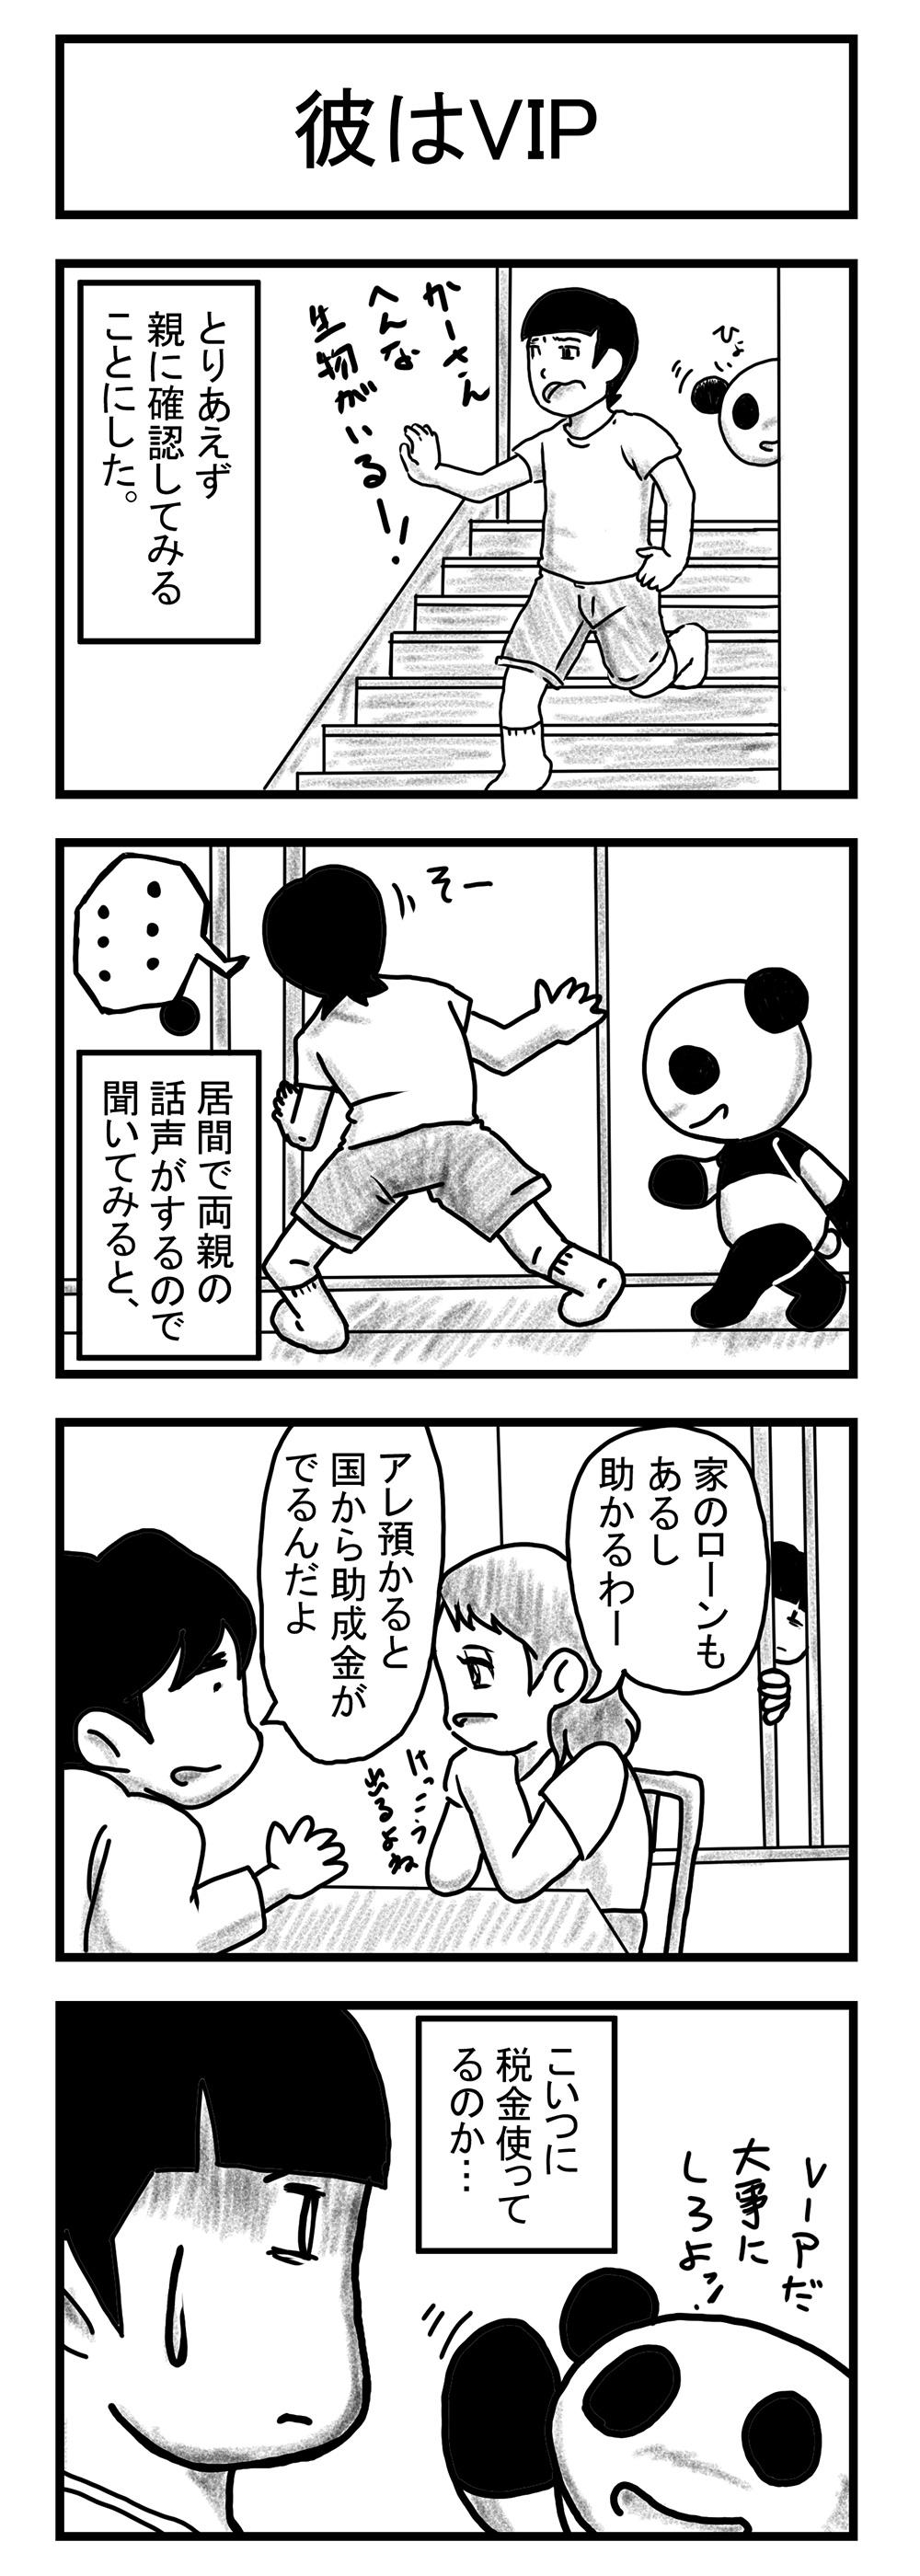 4コマ漫画「ダ!パンダ」その2(Raytrektabで描く漫画)#4コマ漫画 #Raytrektab